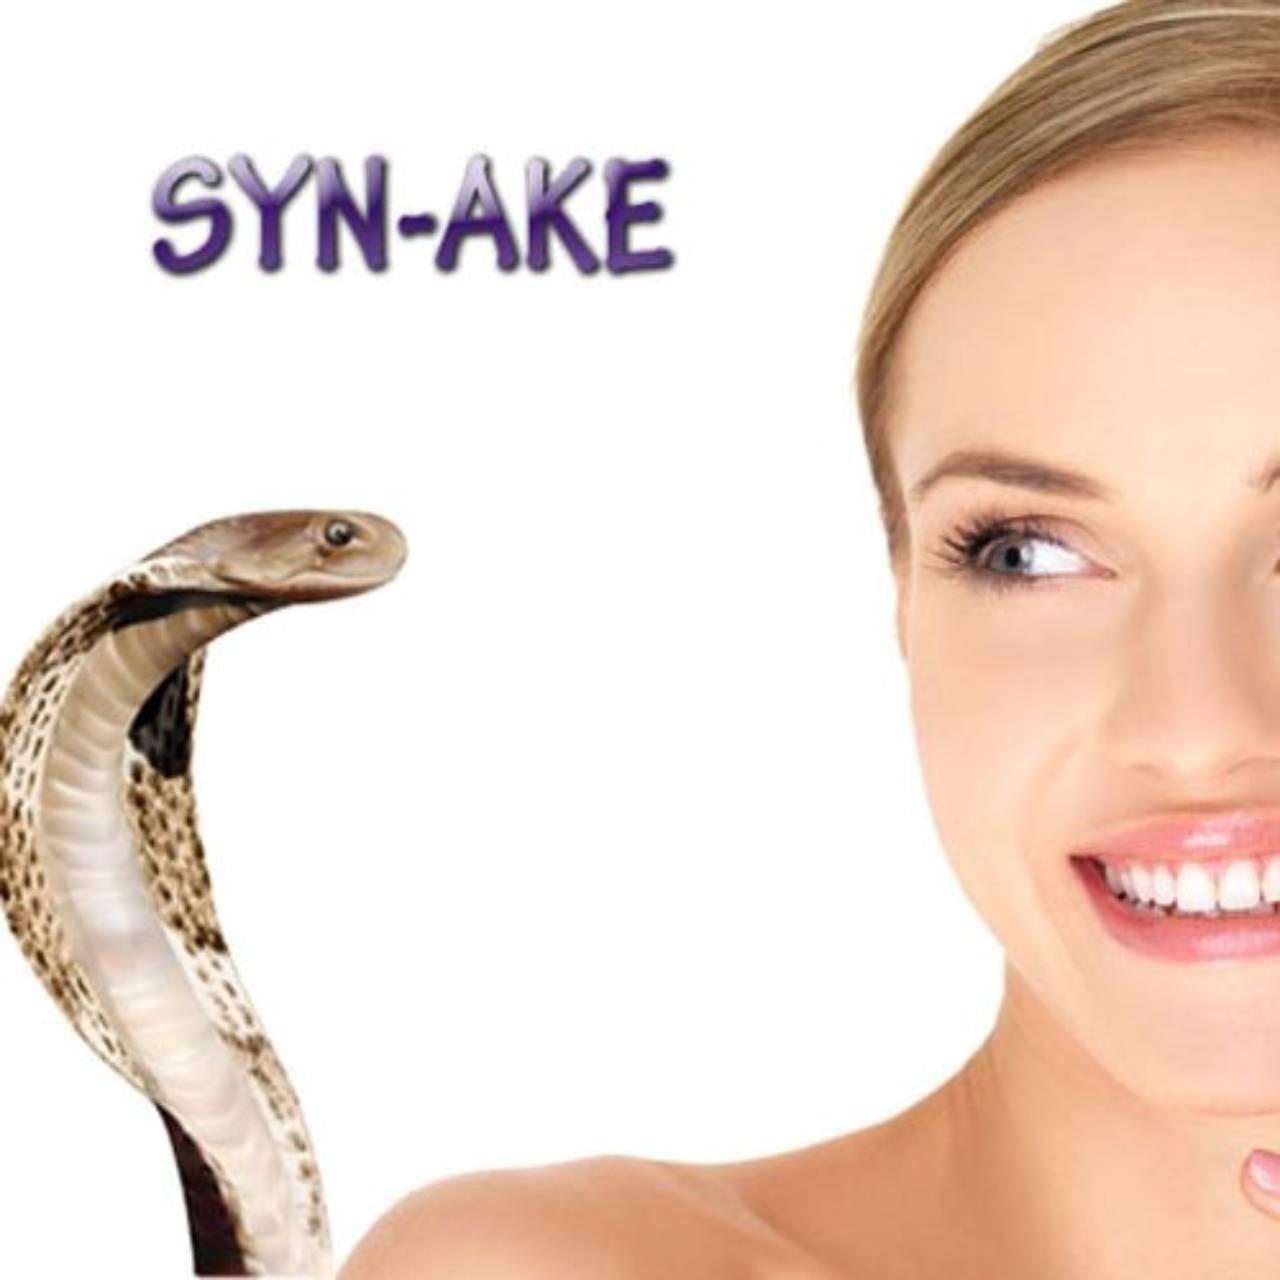 Syn Ake - Creme de veneno de cobra por Farmalu - Farmácia de Manipulação